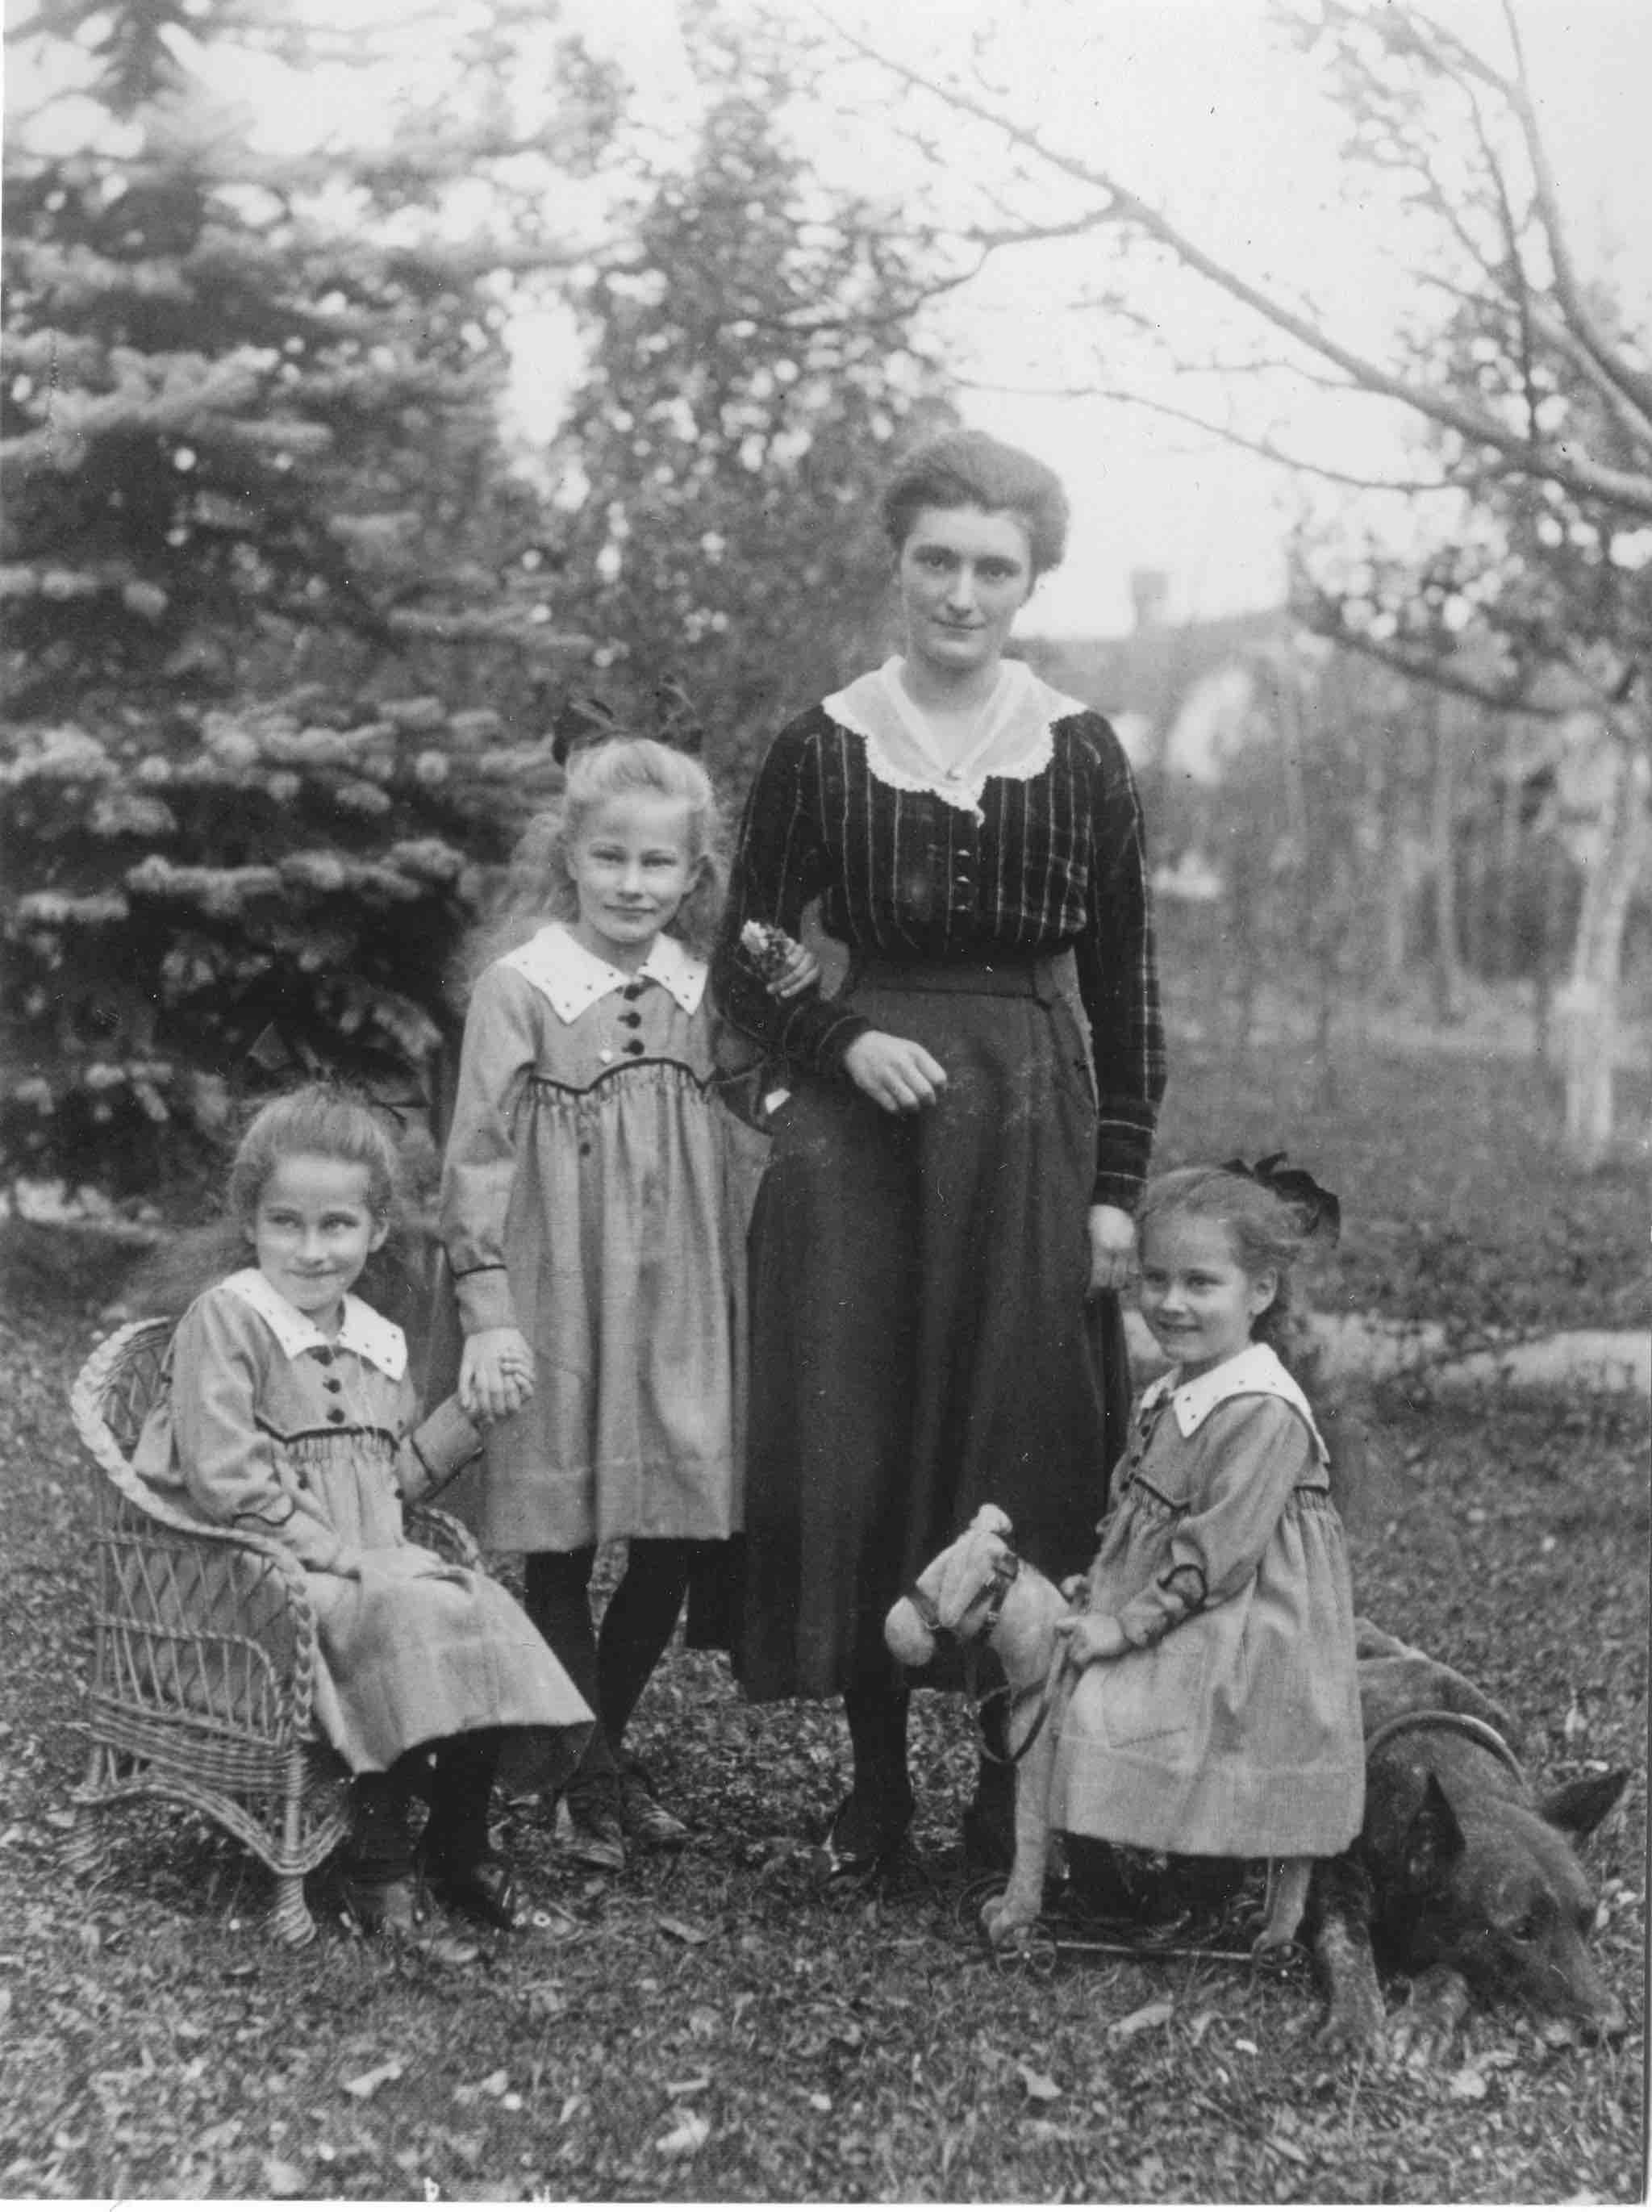 Das Kindermädchen Germaine Borgeaud war sehr wichtig für die Schwestern (v.l.n.r.) Emmi, Marie und Albertine. Oft dabei auch die Dogge Cäsar (1917).